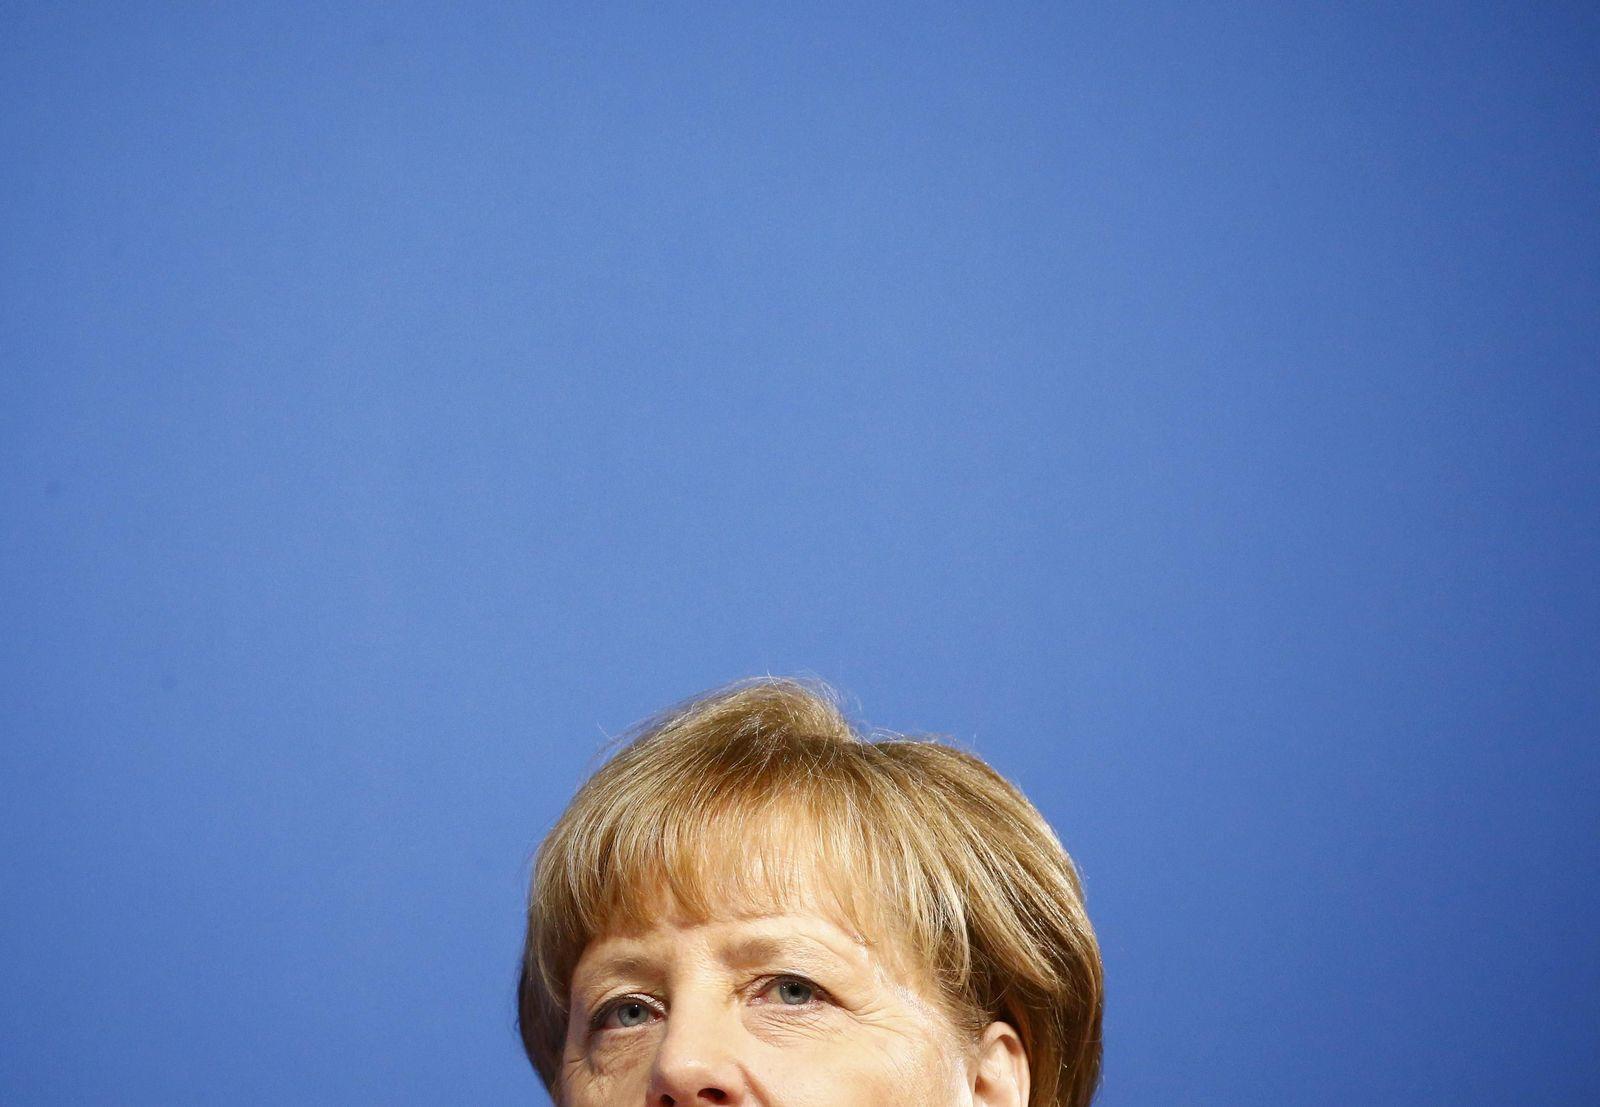 GERMANY-CONSERVATIVES/MERKEL